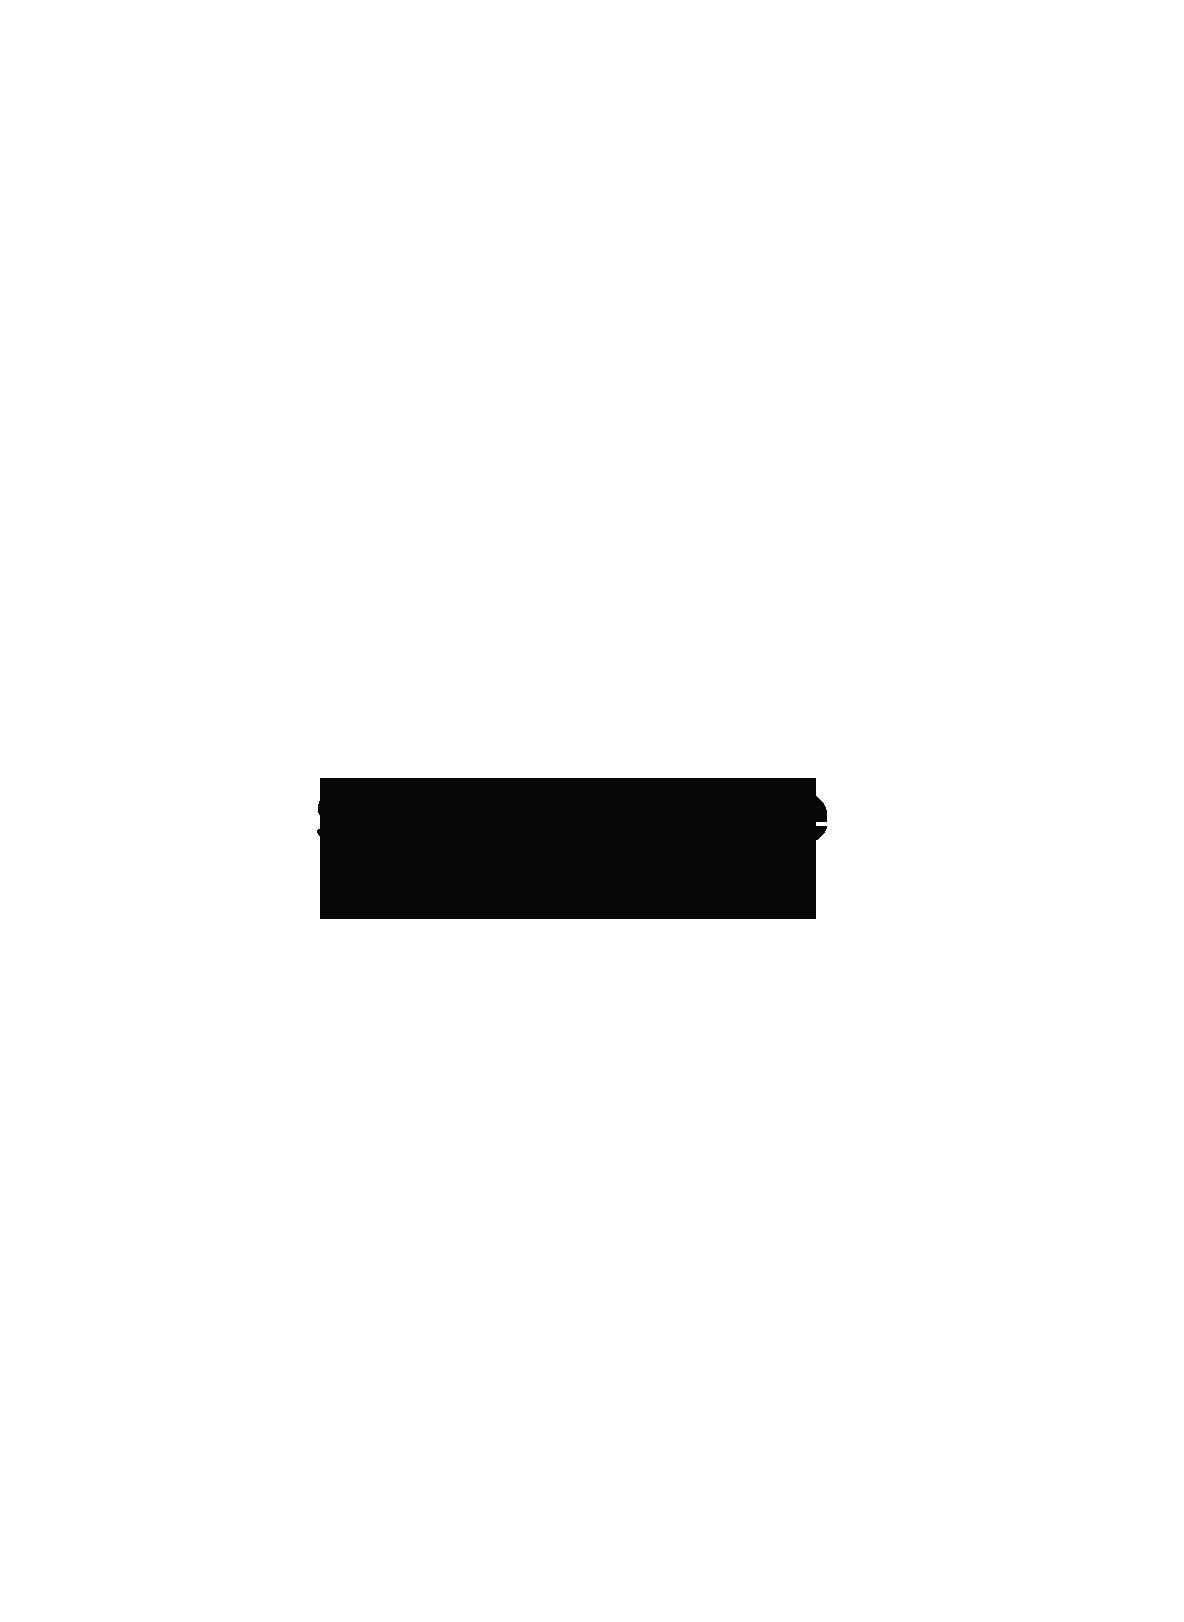 Sherbrooke-innopole